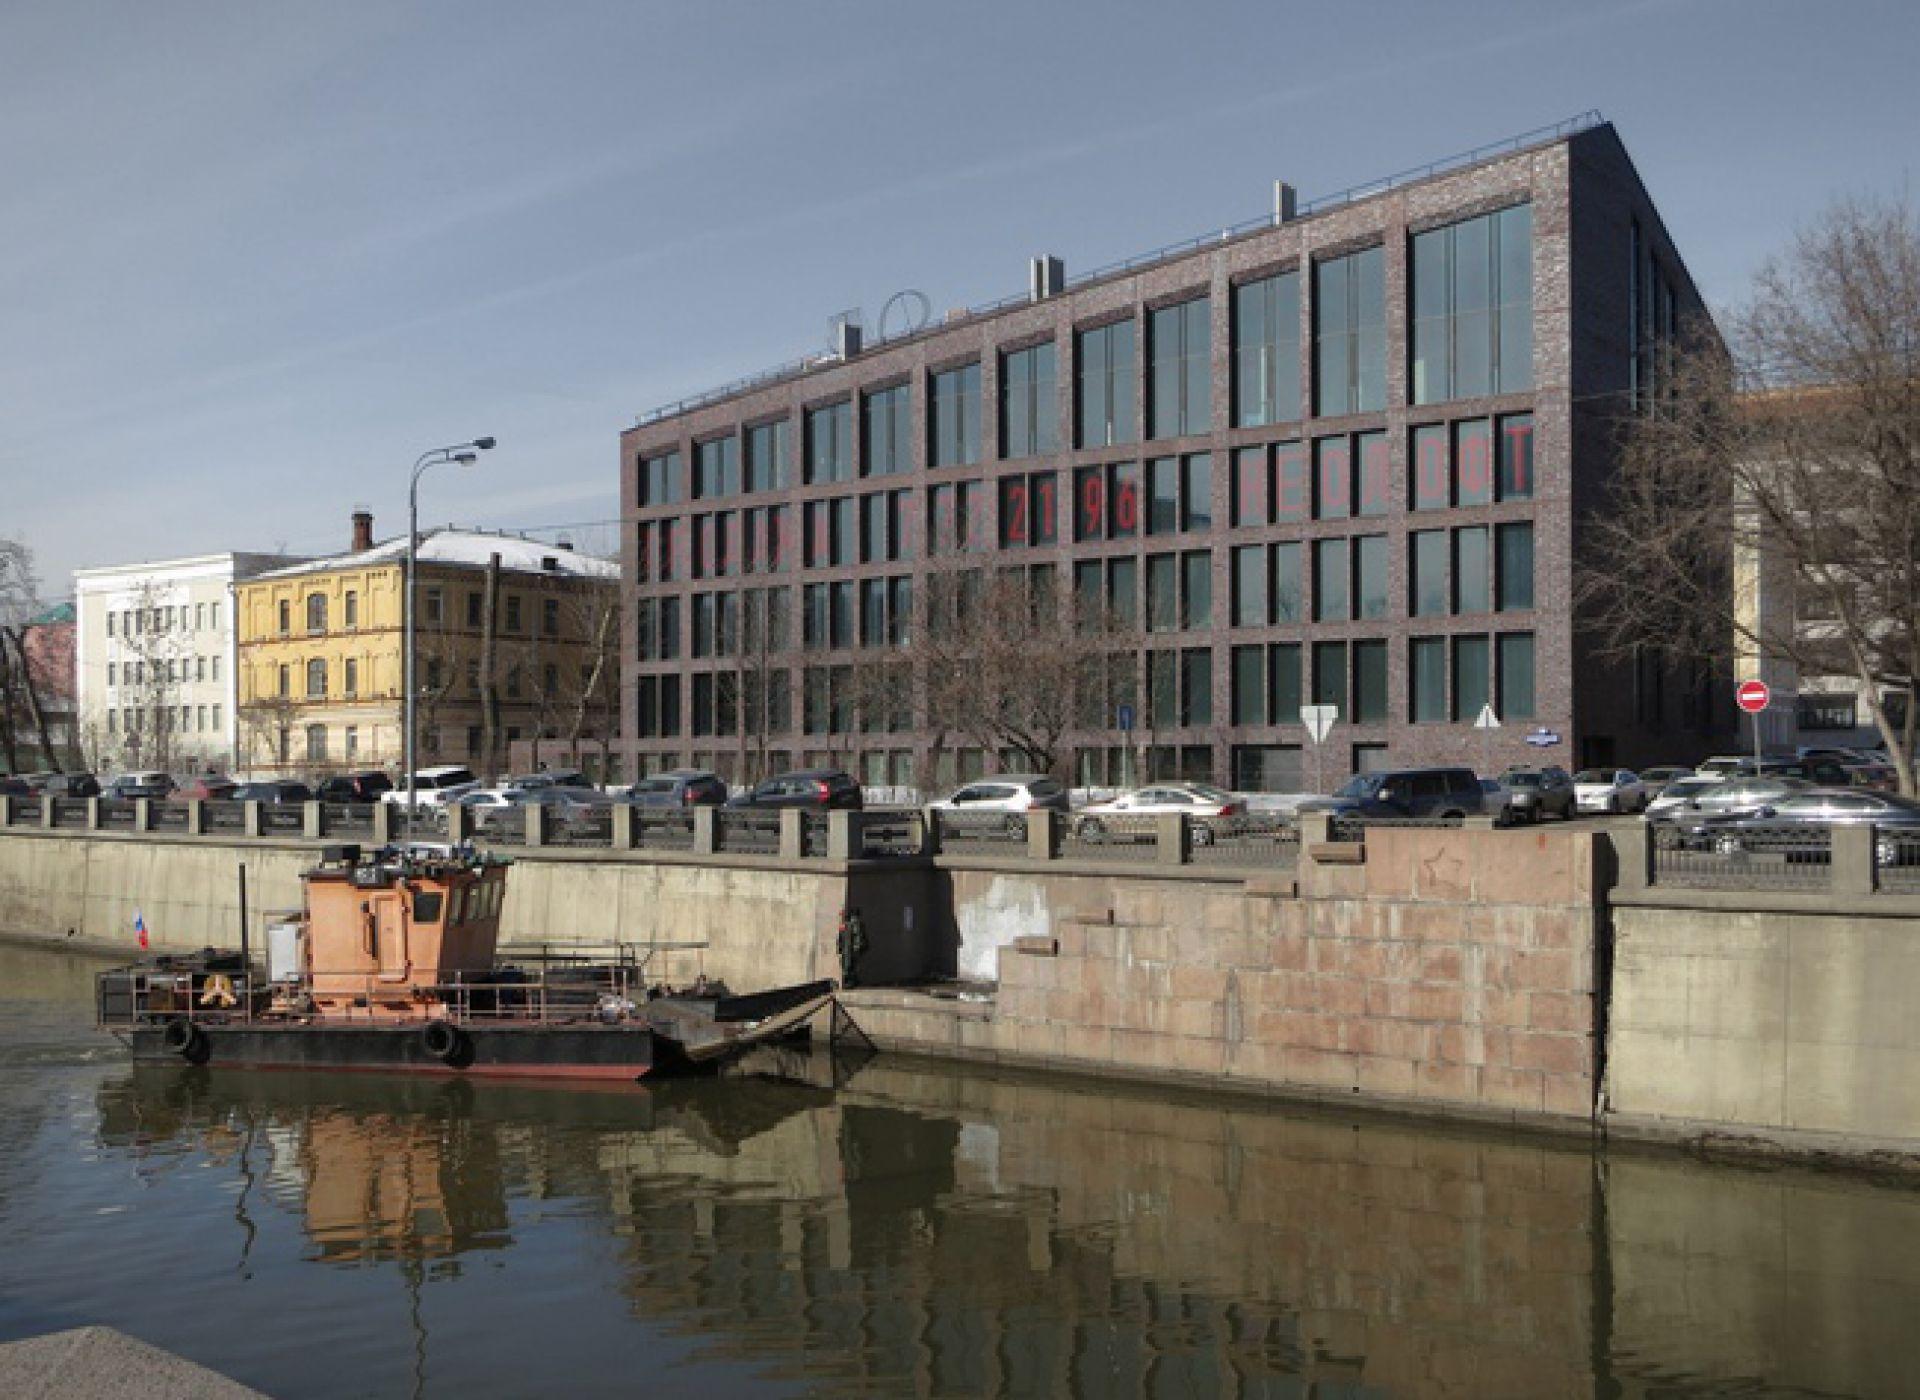 Компания HONKA выступила официальным партнером архитектурного фестиваля «Золотое сечение 2013», проходившего в Москве с 11 по 25 апреля.